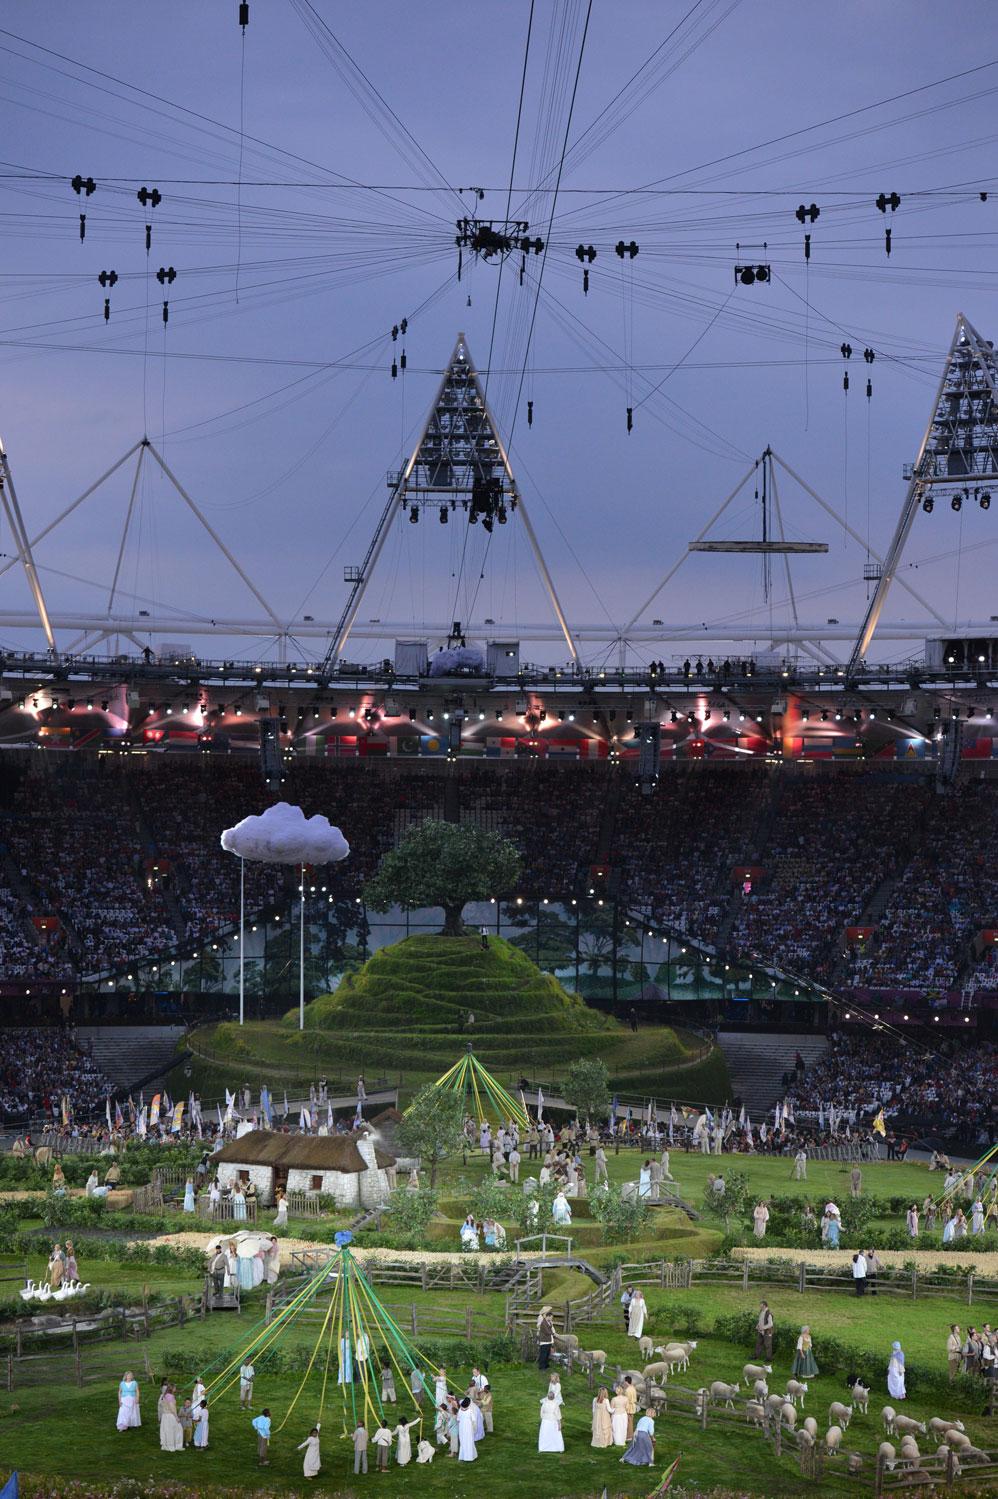 http://4.bp.blogspot.com/-PhoGG-uSbHk/UBMsozV5efI/AAAAAAAAErk/EDO6mm4-vr0/s1600/Inauguraci%C3%B3n+London+2012+11.jpg